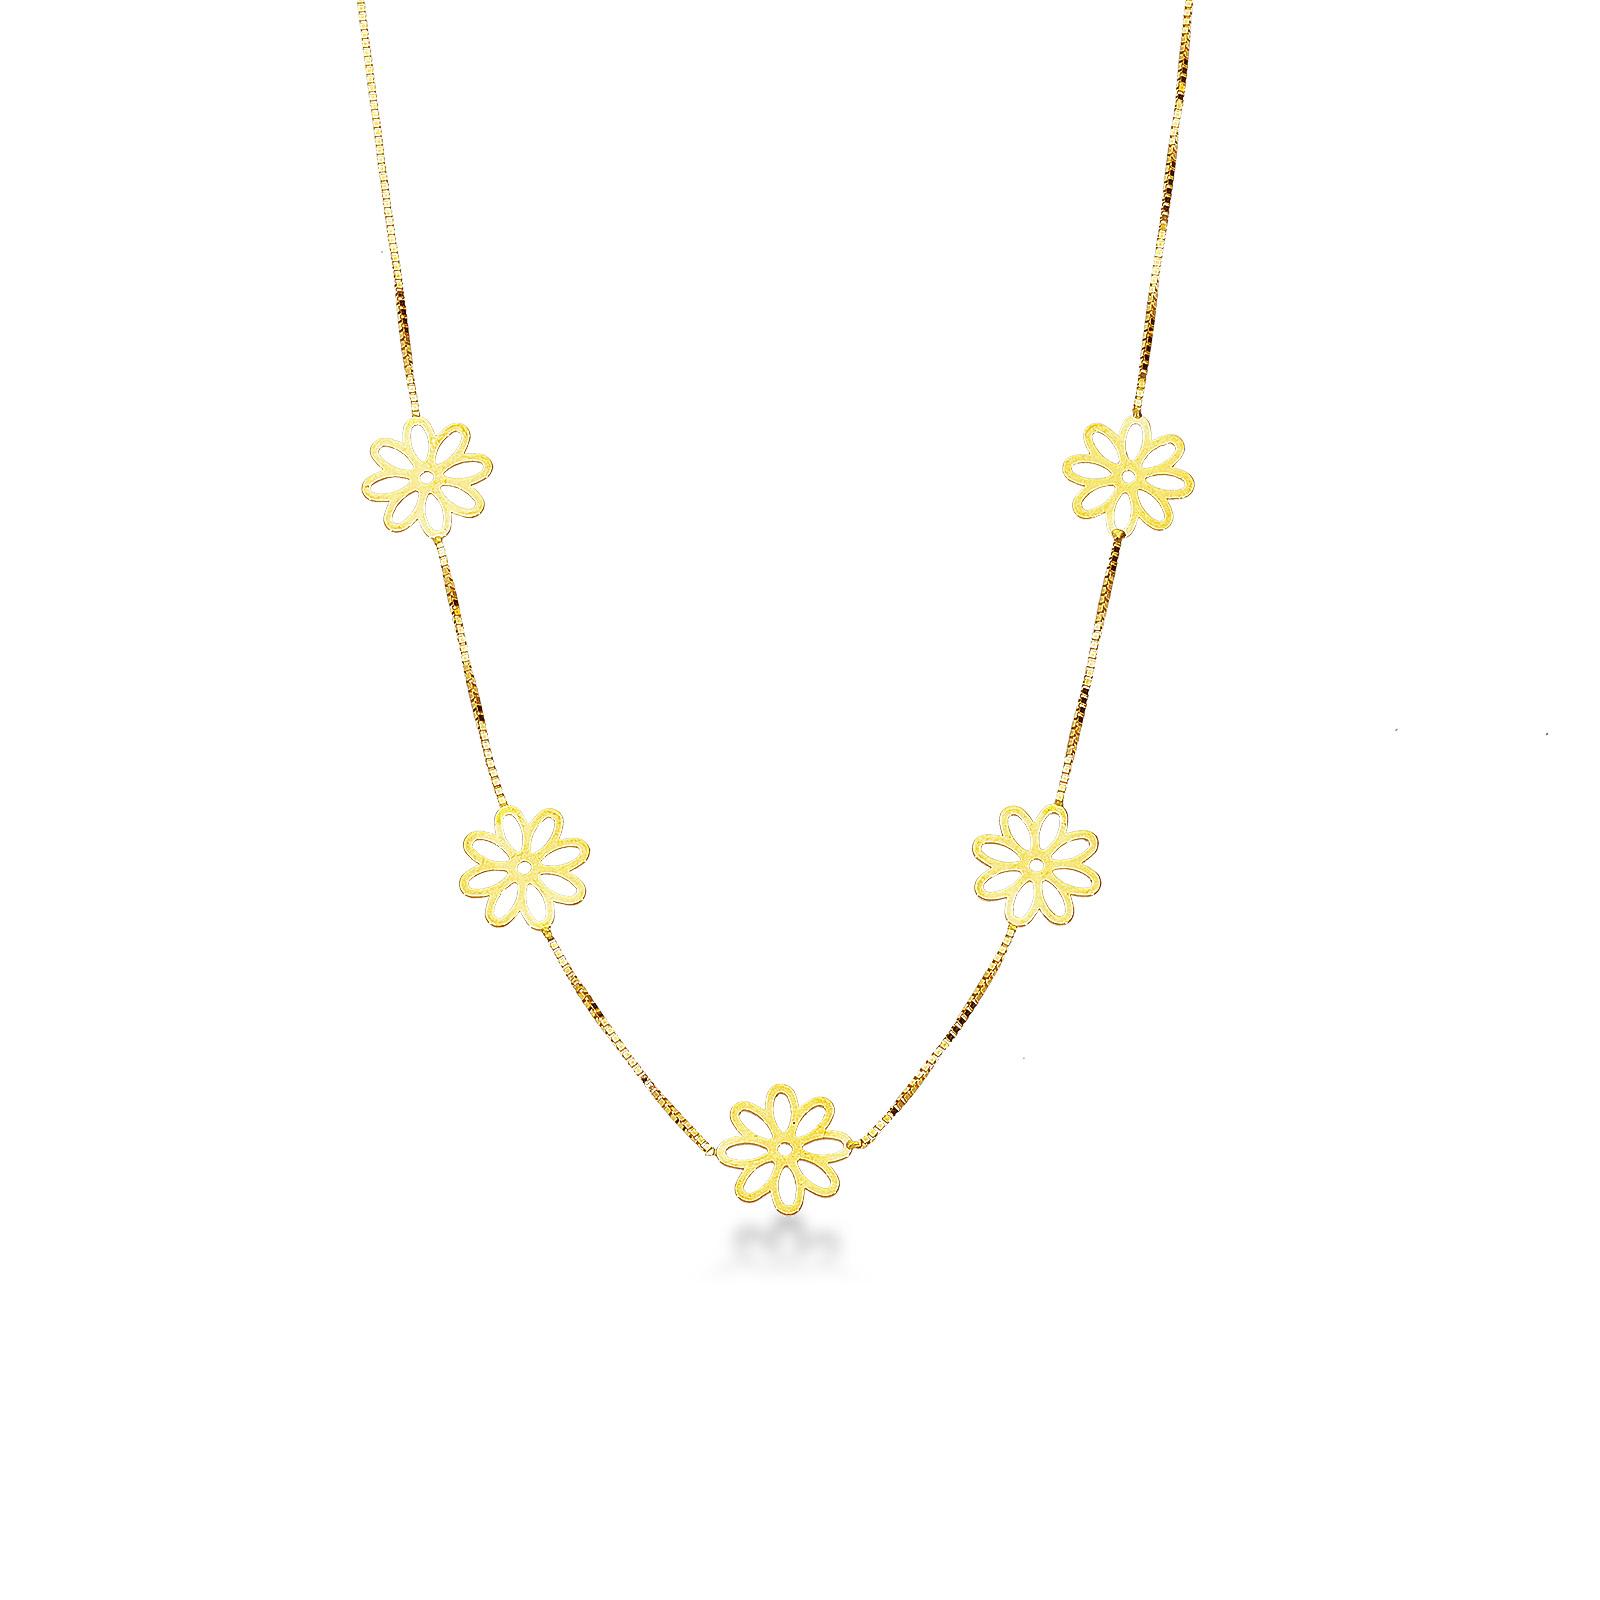 Collana in oro giallo 18k con motivo floreale.